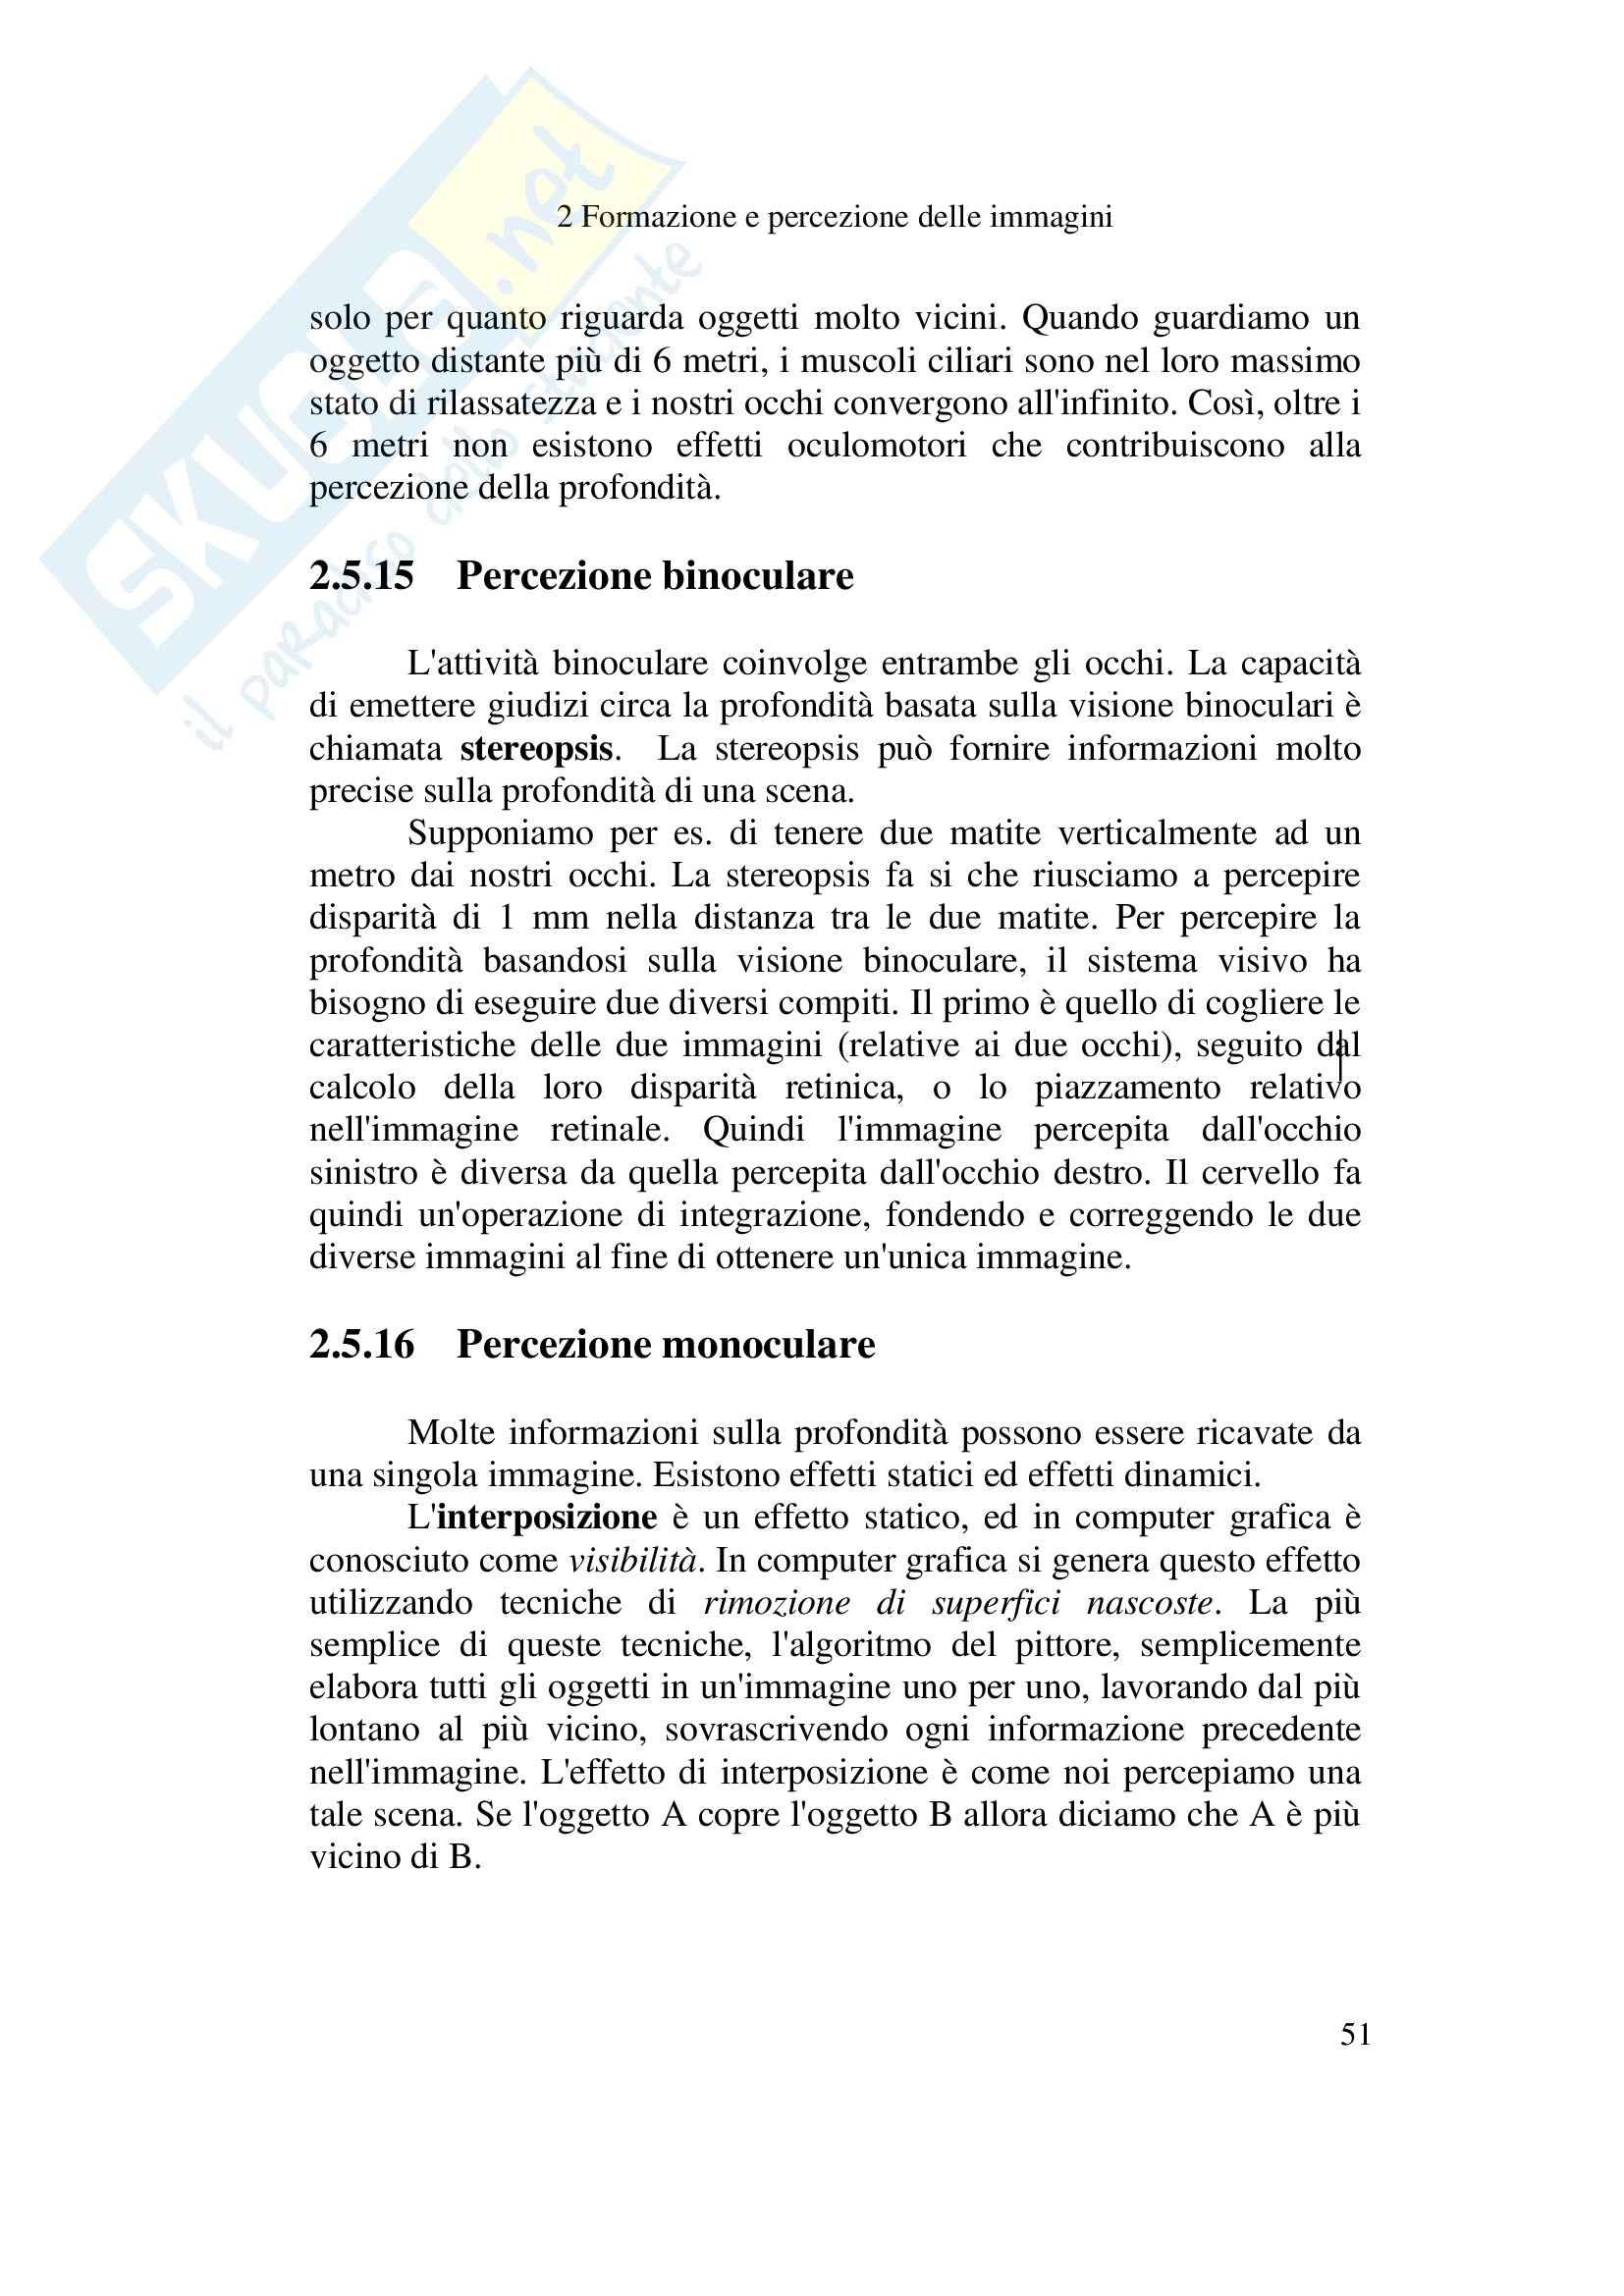 Formazione e percezione delle immagini - Appunti Pag. 51